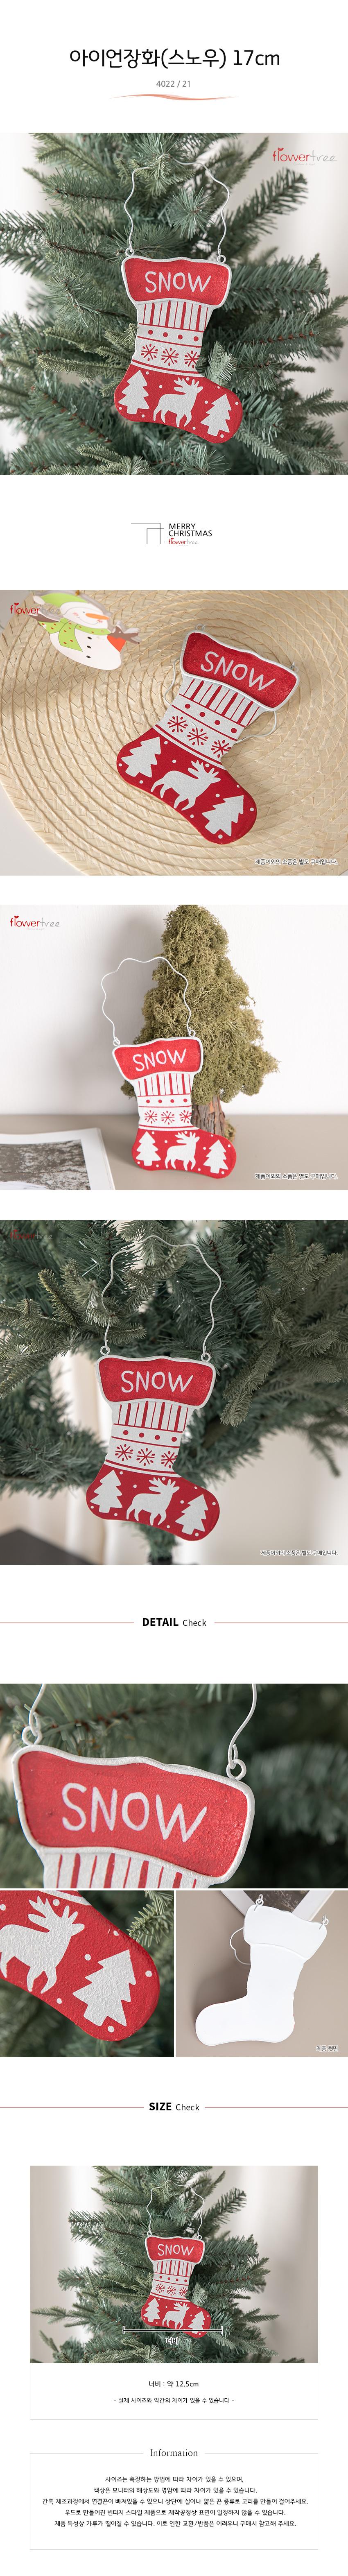 아이언장화(스노우)17cm 크리스마스 장식 소품 TROMCG - 플라워트리, 2,400원, 장식품, 크리스마스소품